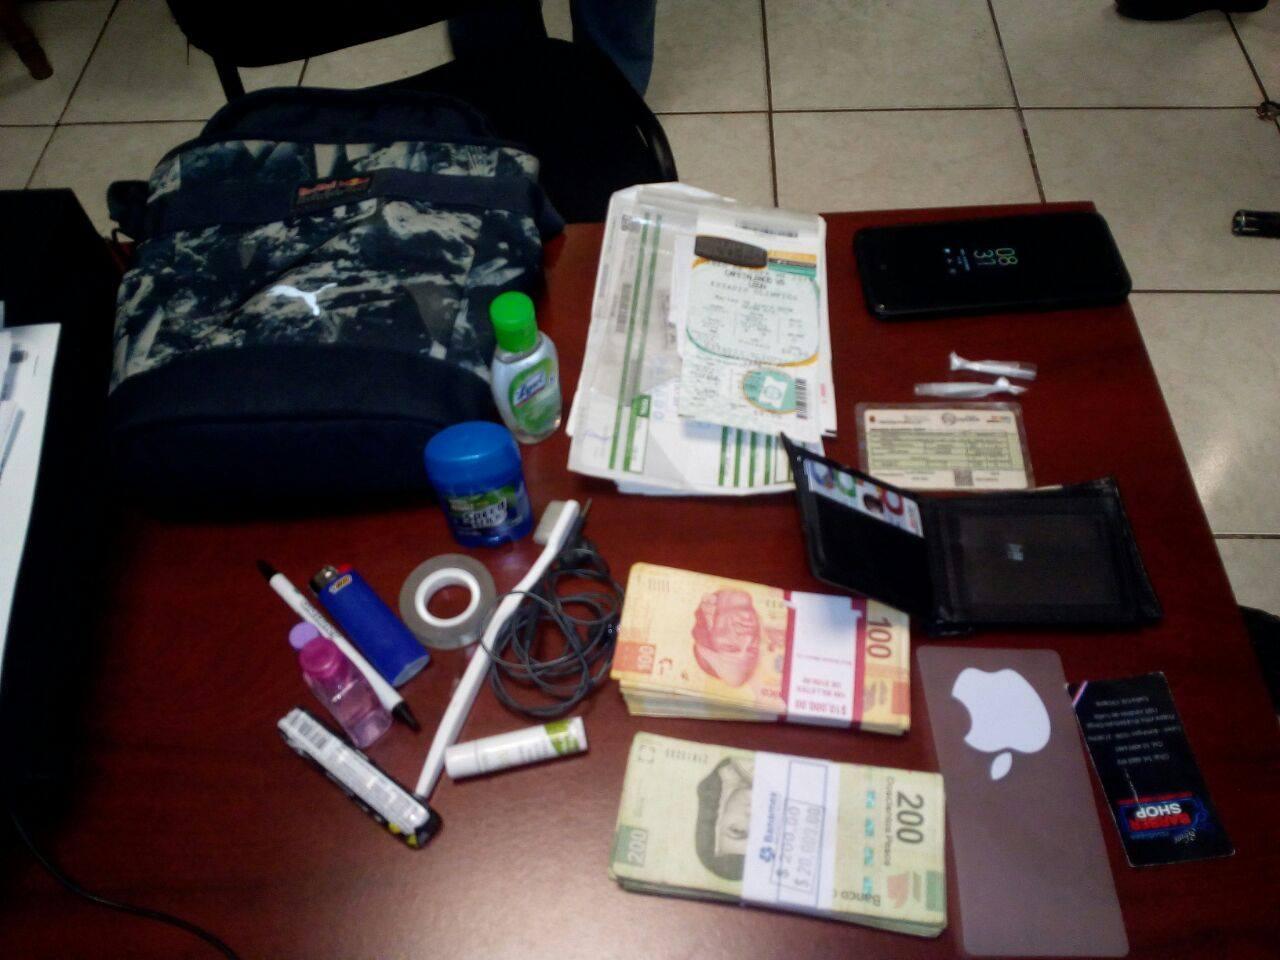 A minutos de robo a TELECOM, SSyPC detiene a presuntos responsables